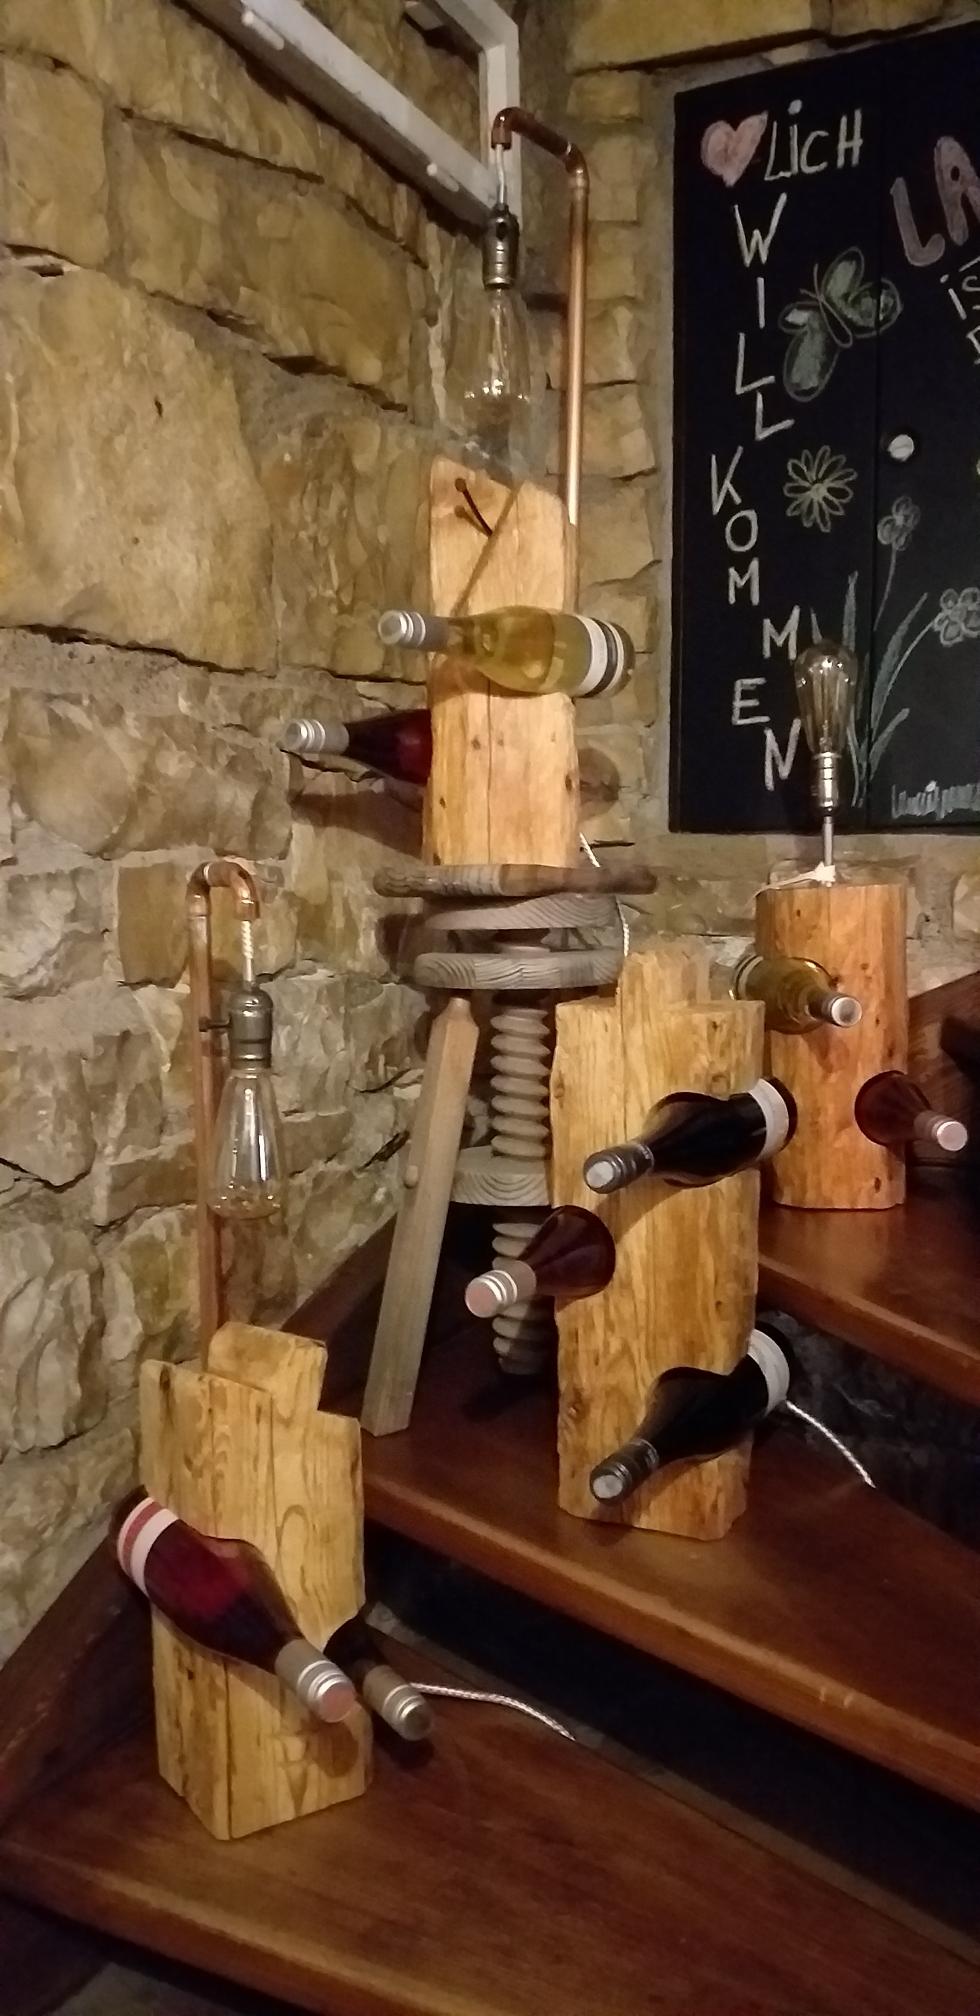 Guter Wein verdient es richtig in Szene gesetzt zu werden